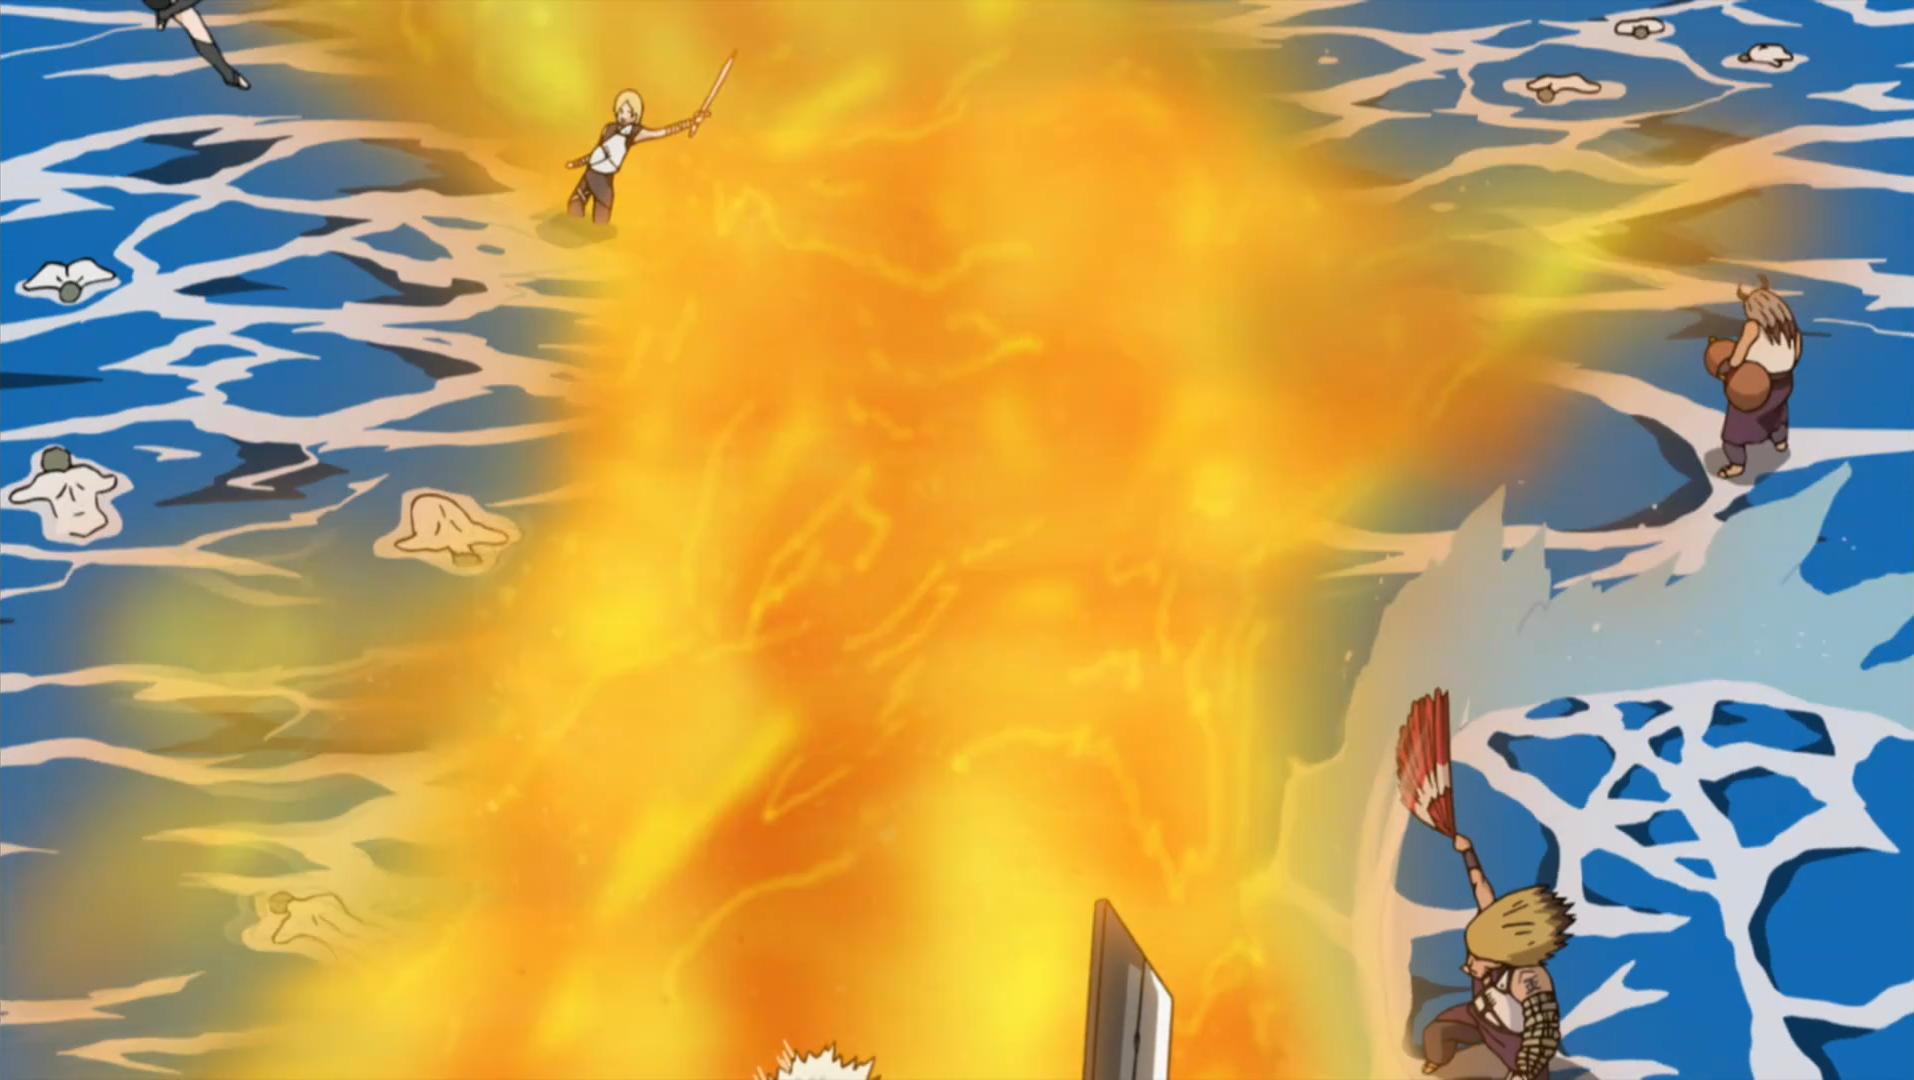 Bashōsen: Coil of Fire